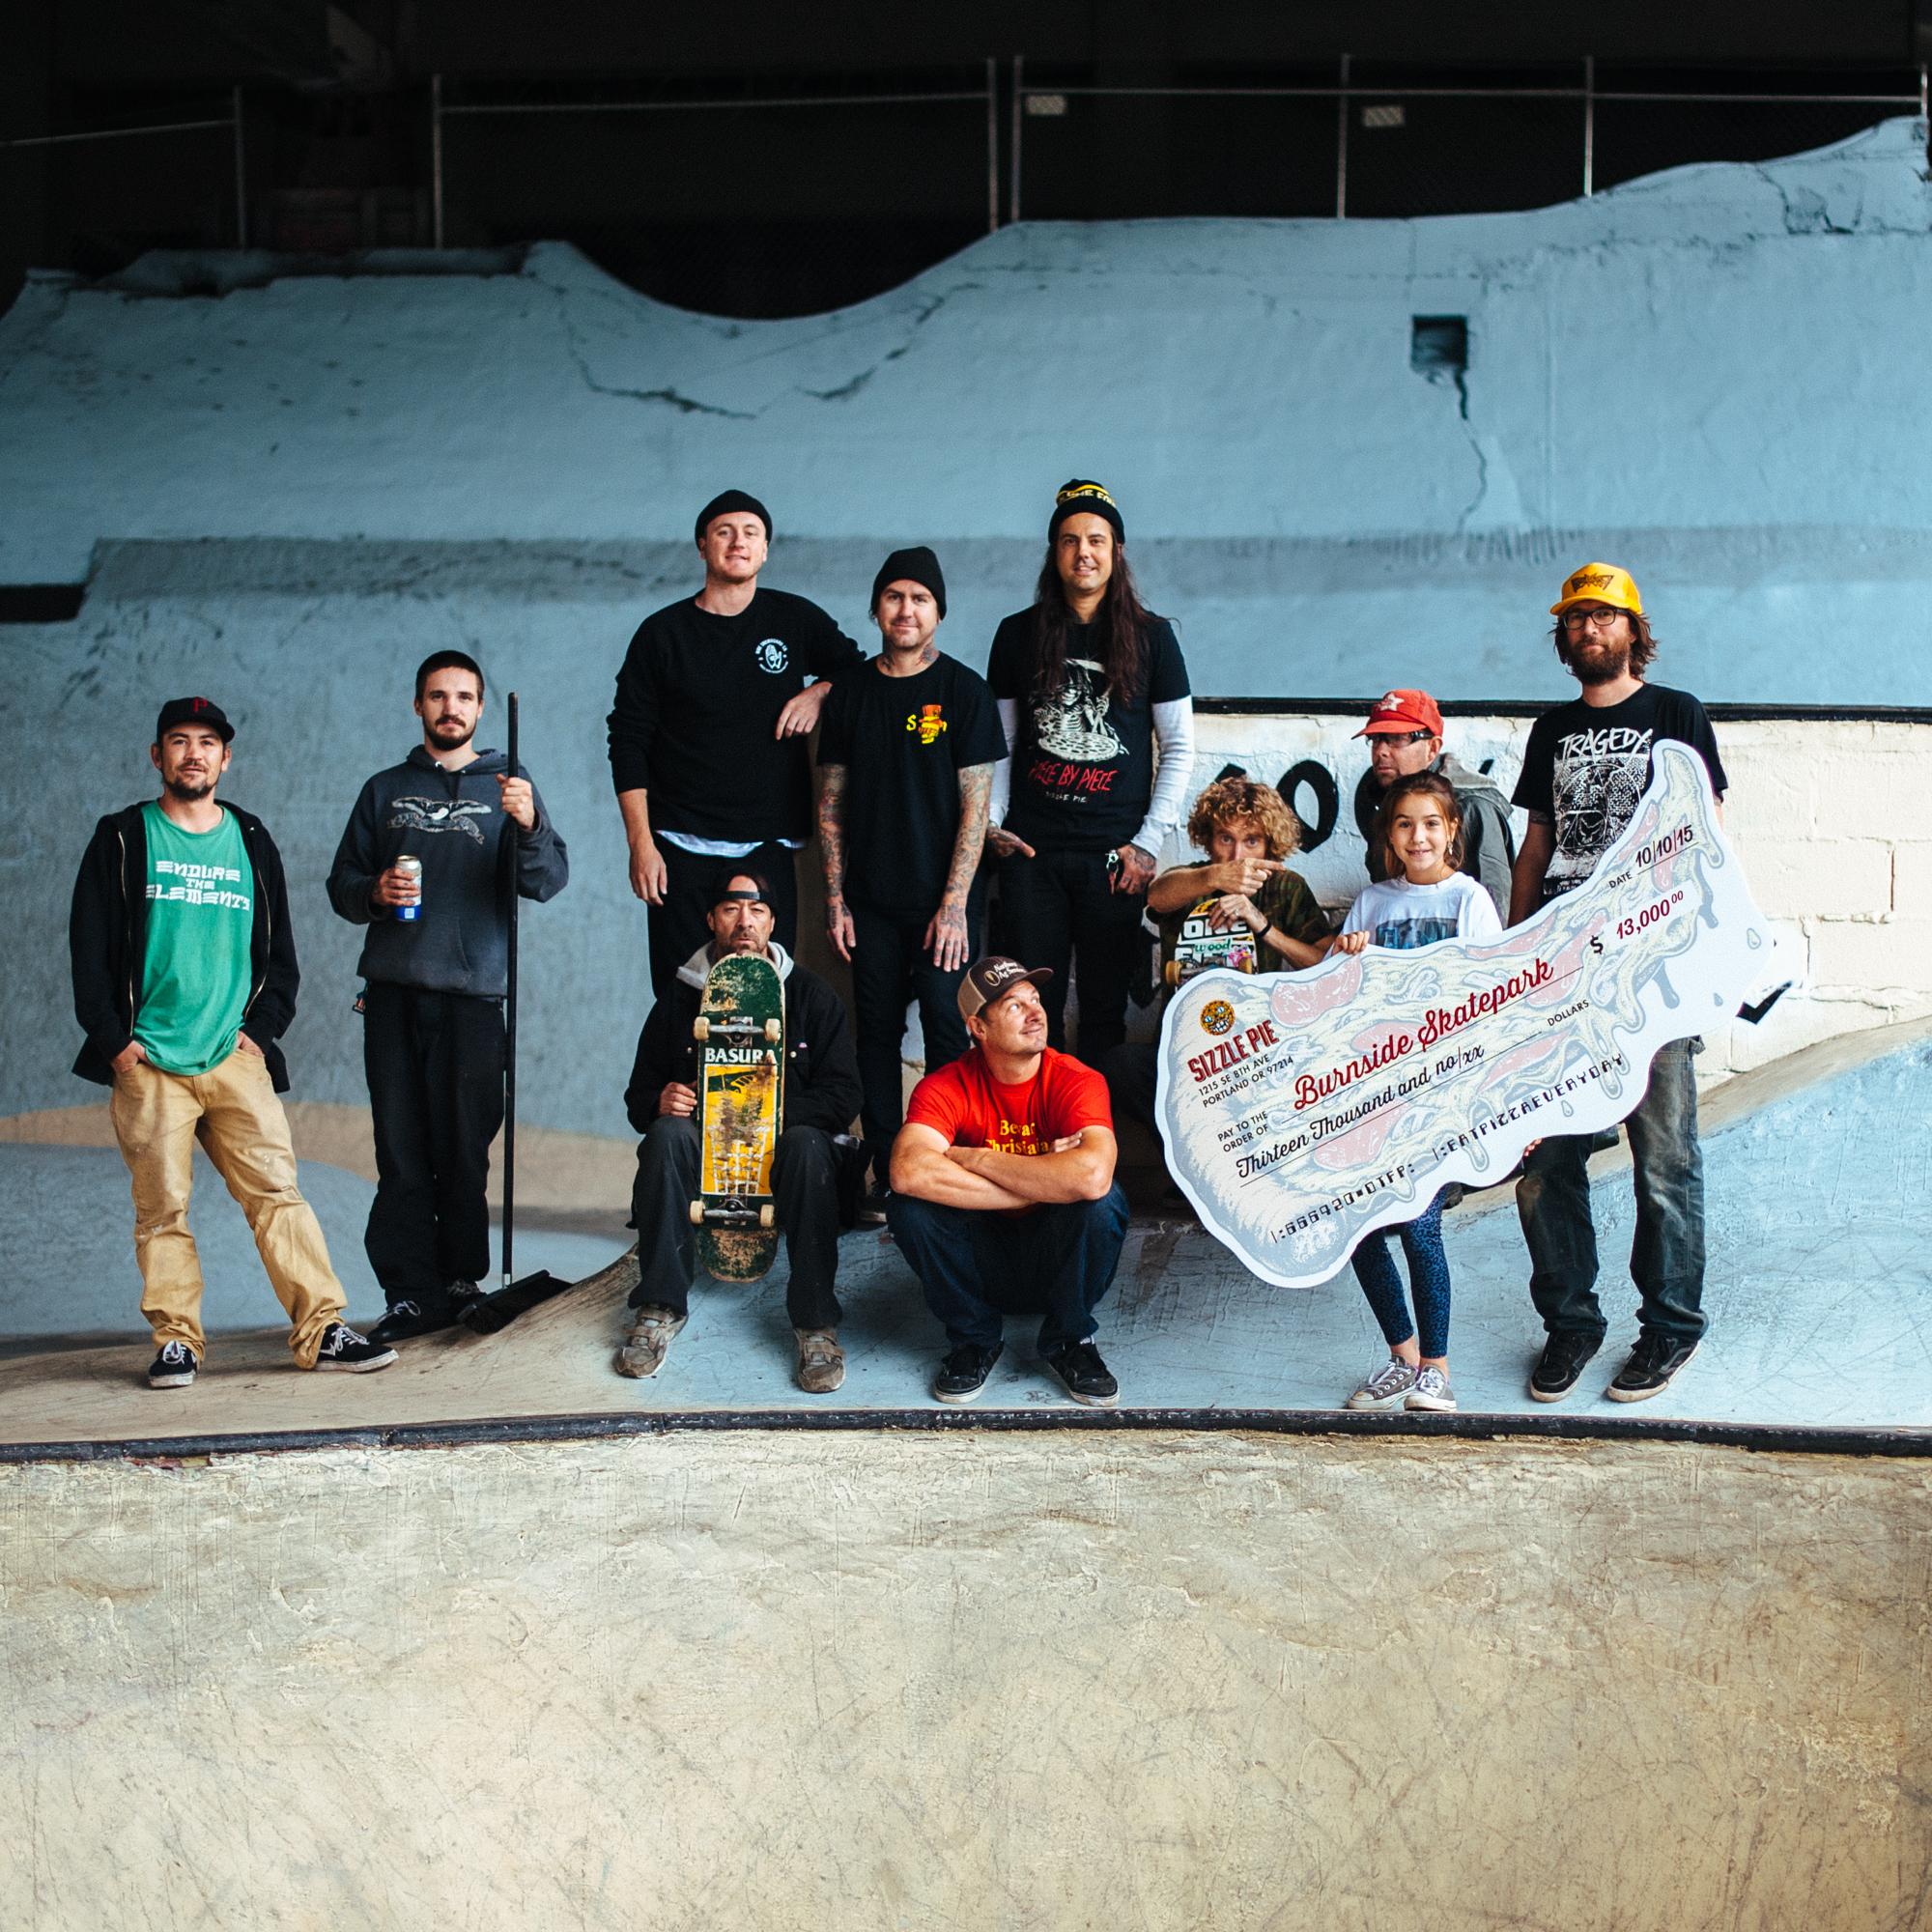 Burnside Skatepark Benefit